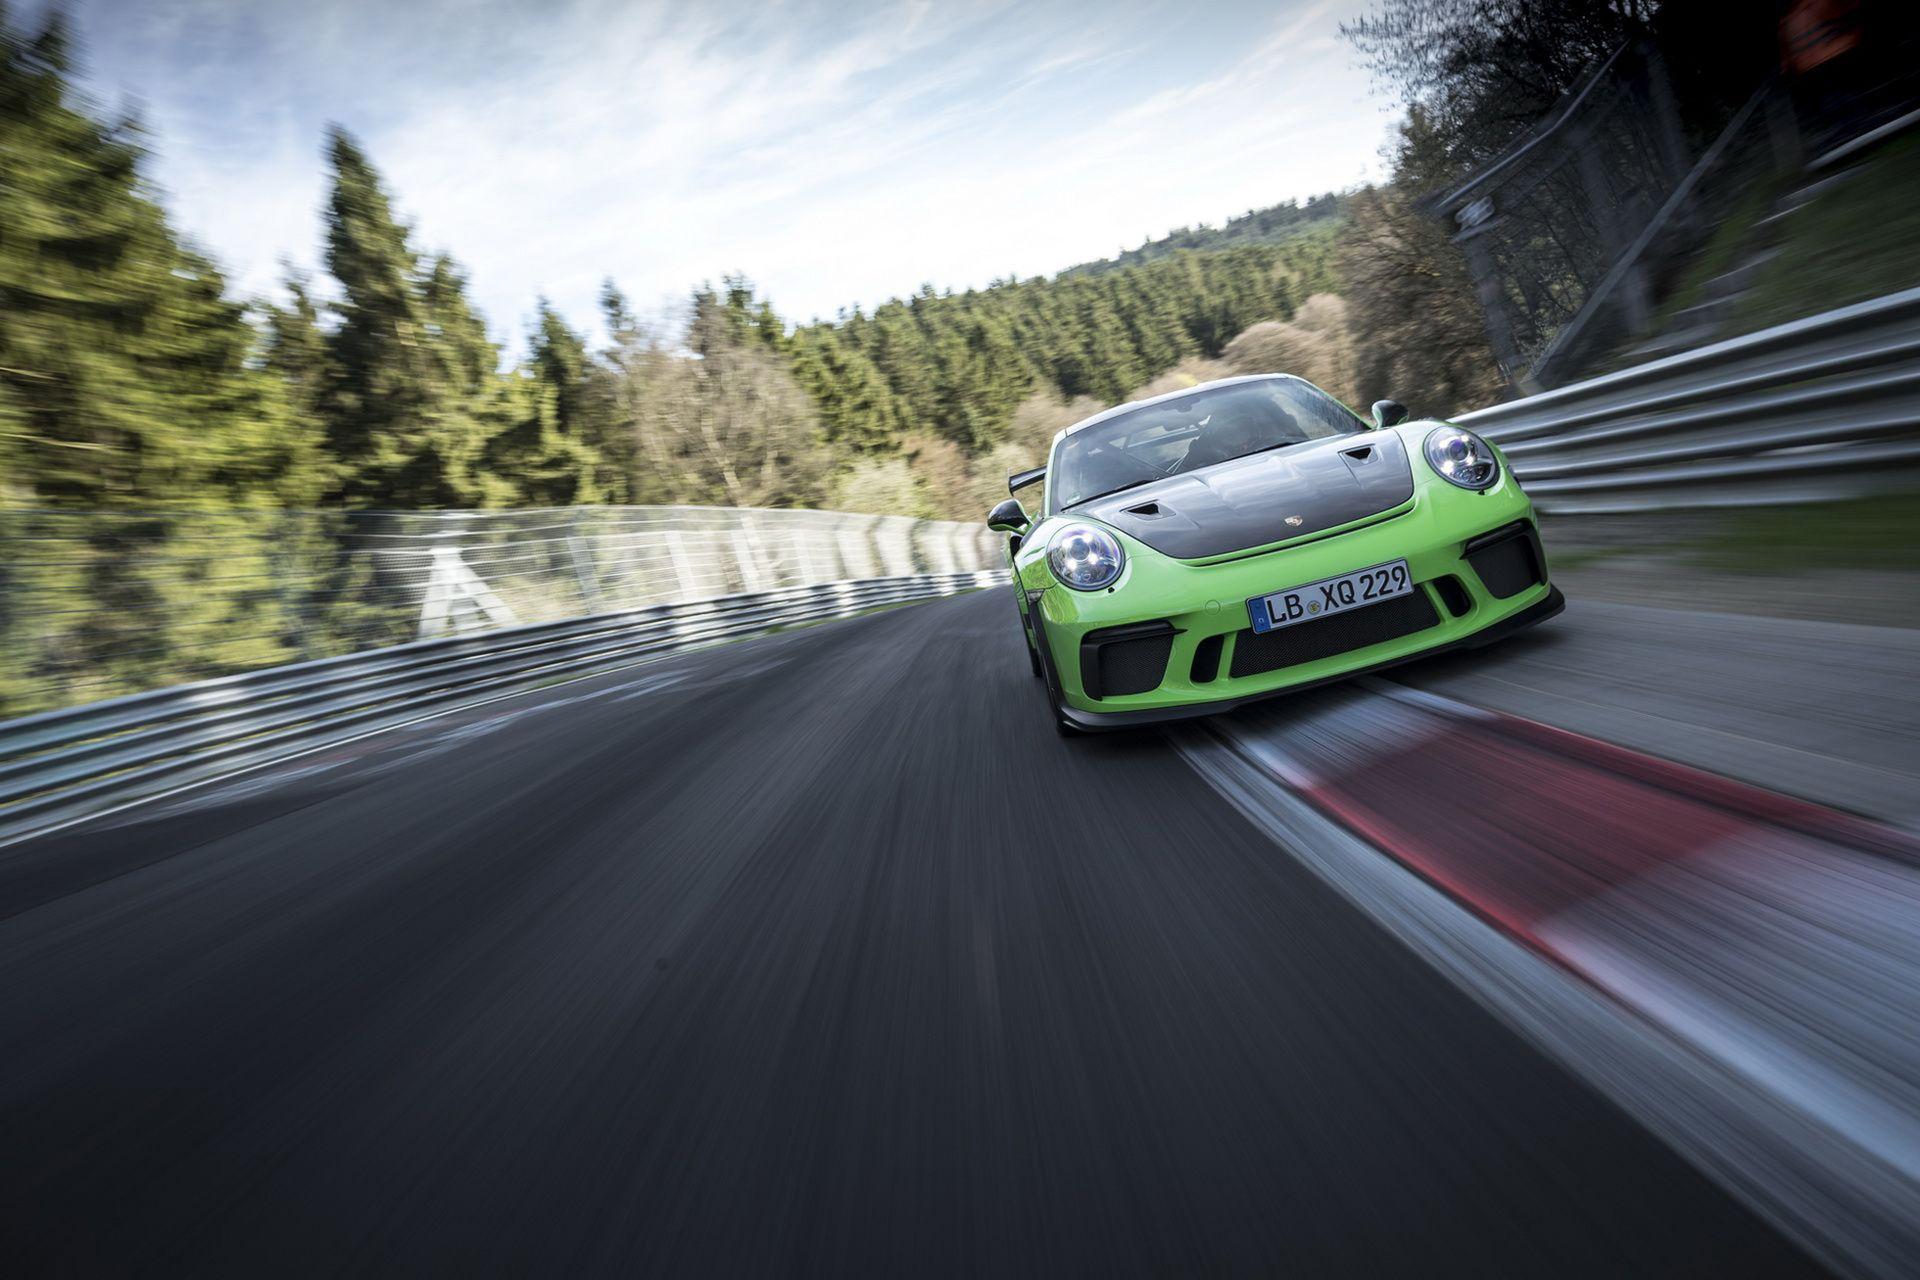 Nya Porsche 911 GT3 RS har kört på Ringen